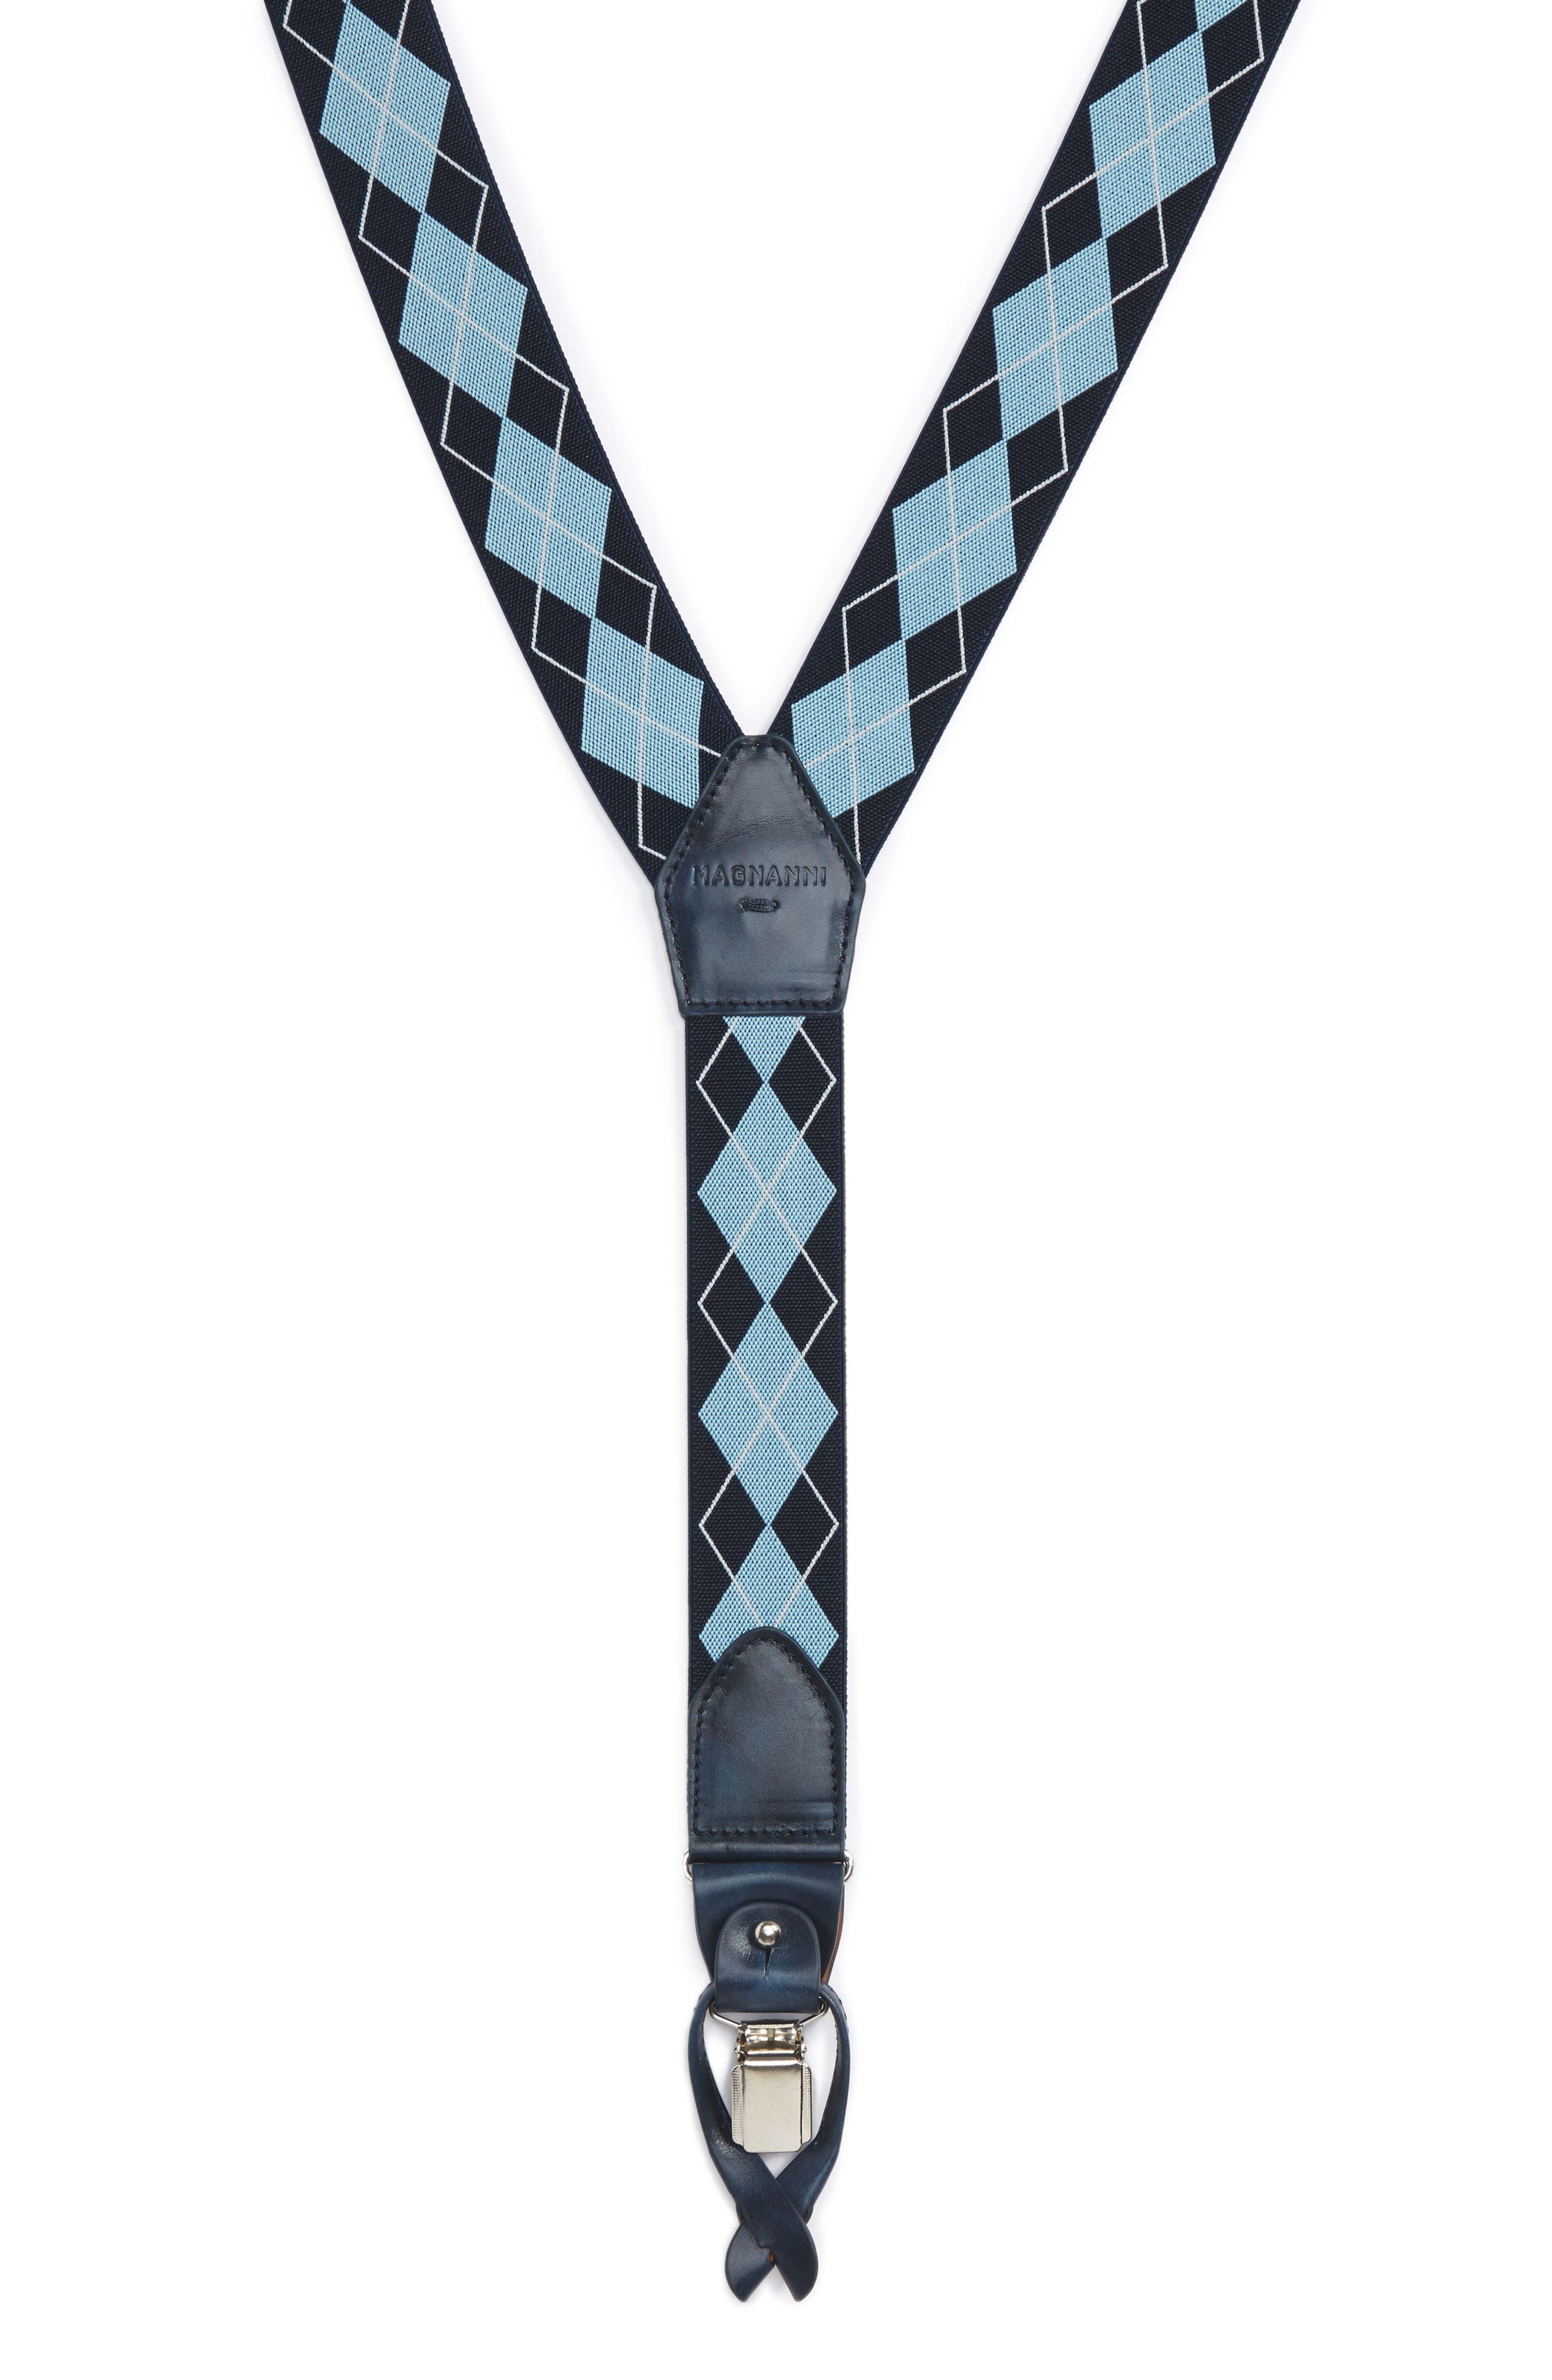 Magnanni Diamond Suspenders